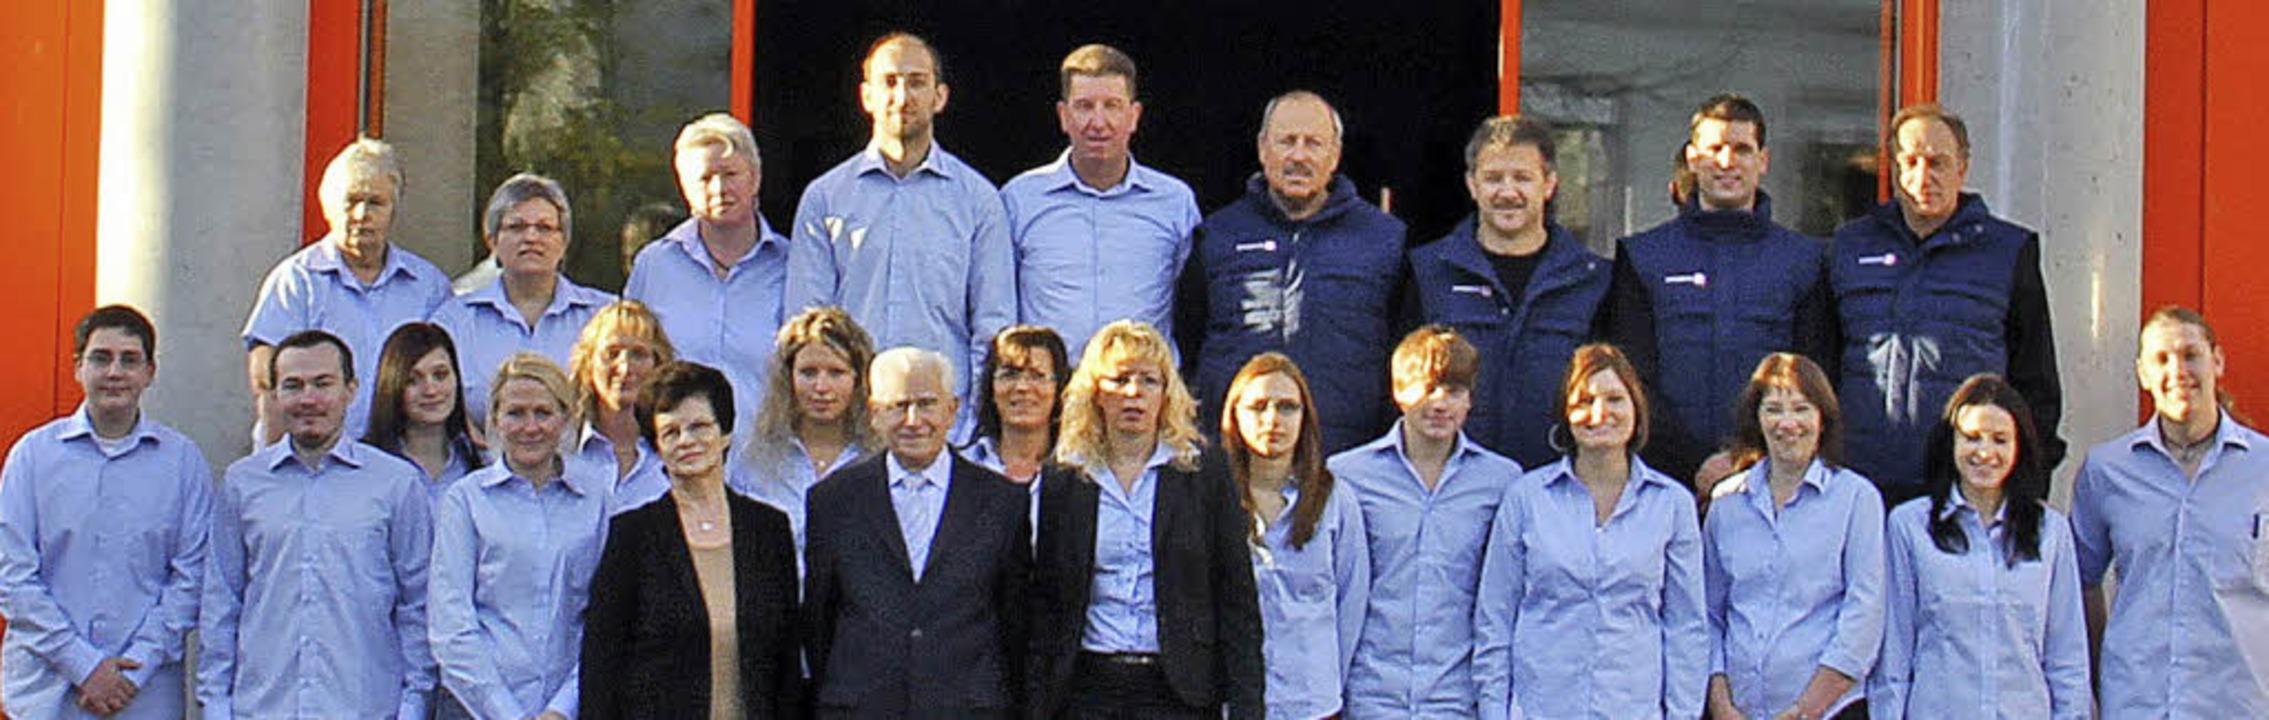 Das Team von Expert Villringer; stolz ...die neue TV- und Soundsystemabteilung.  | Foto: Expert Villringer / Silke Hartenstein